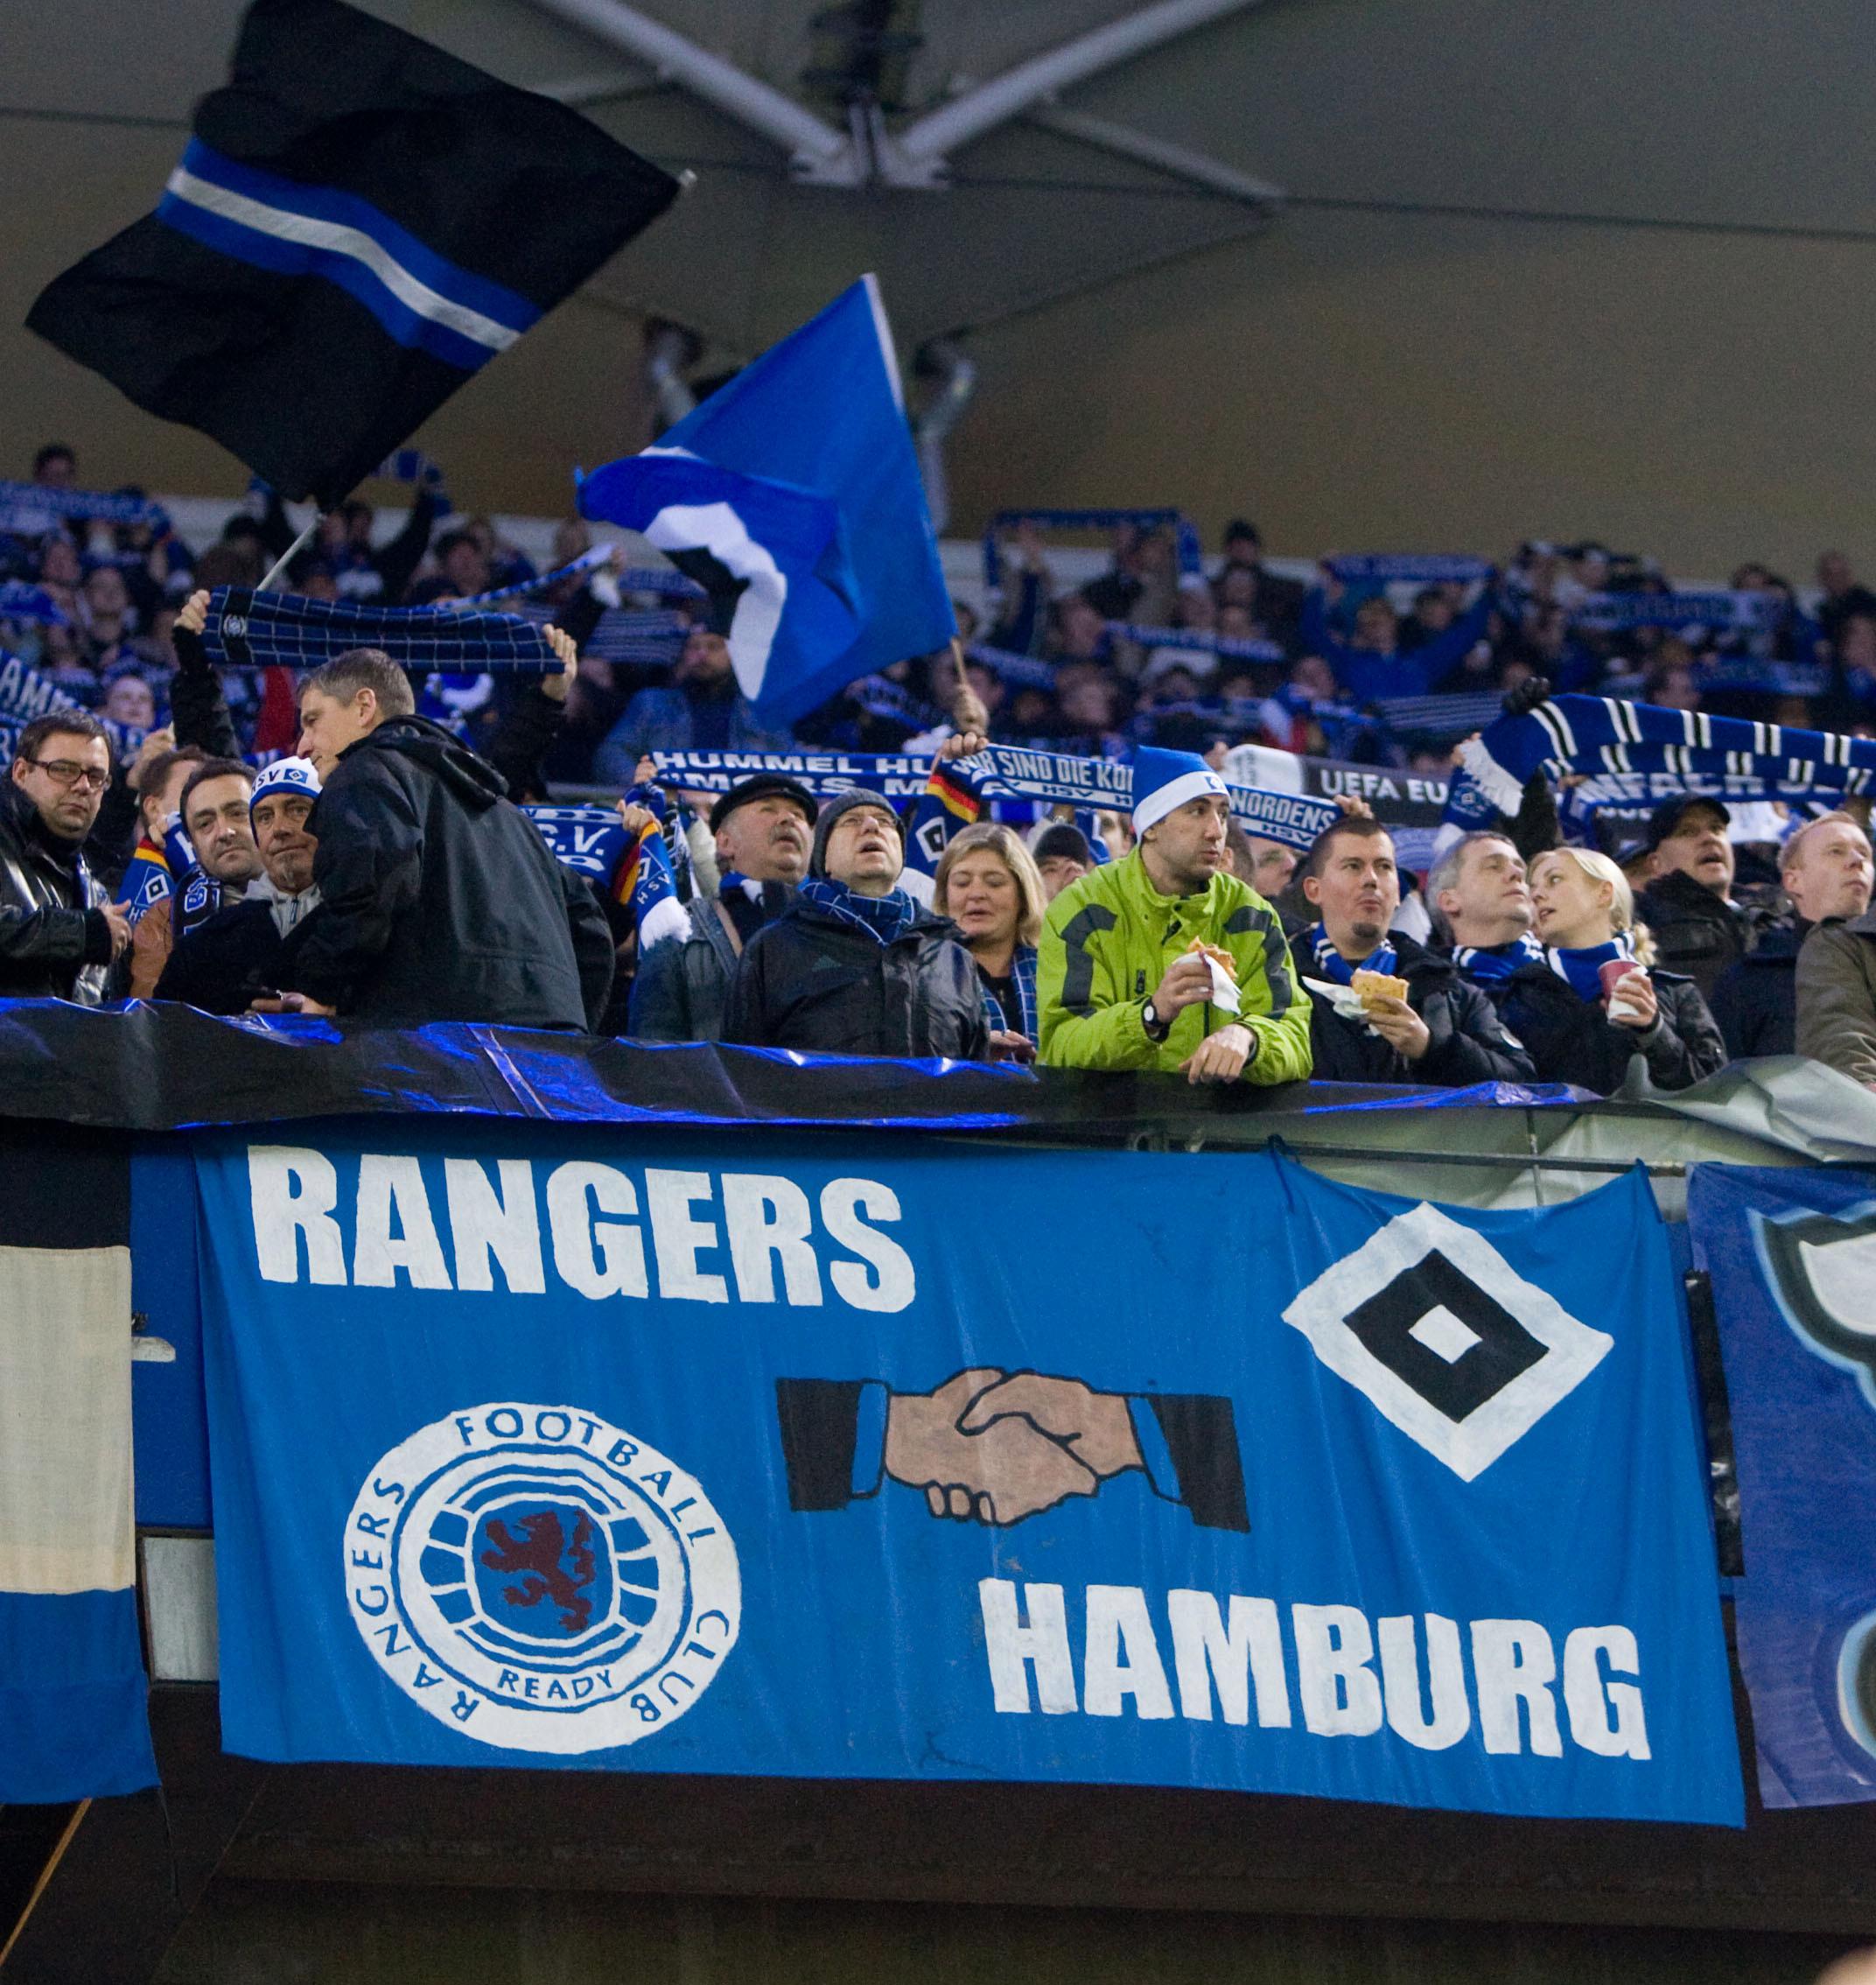 Hambourg sv & Glasgow Rangers, une amitié officialisée